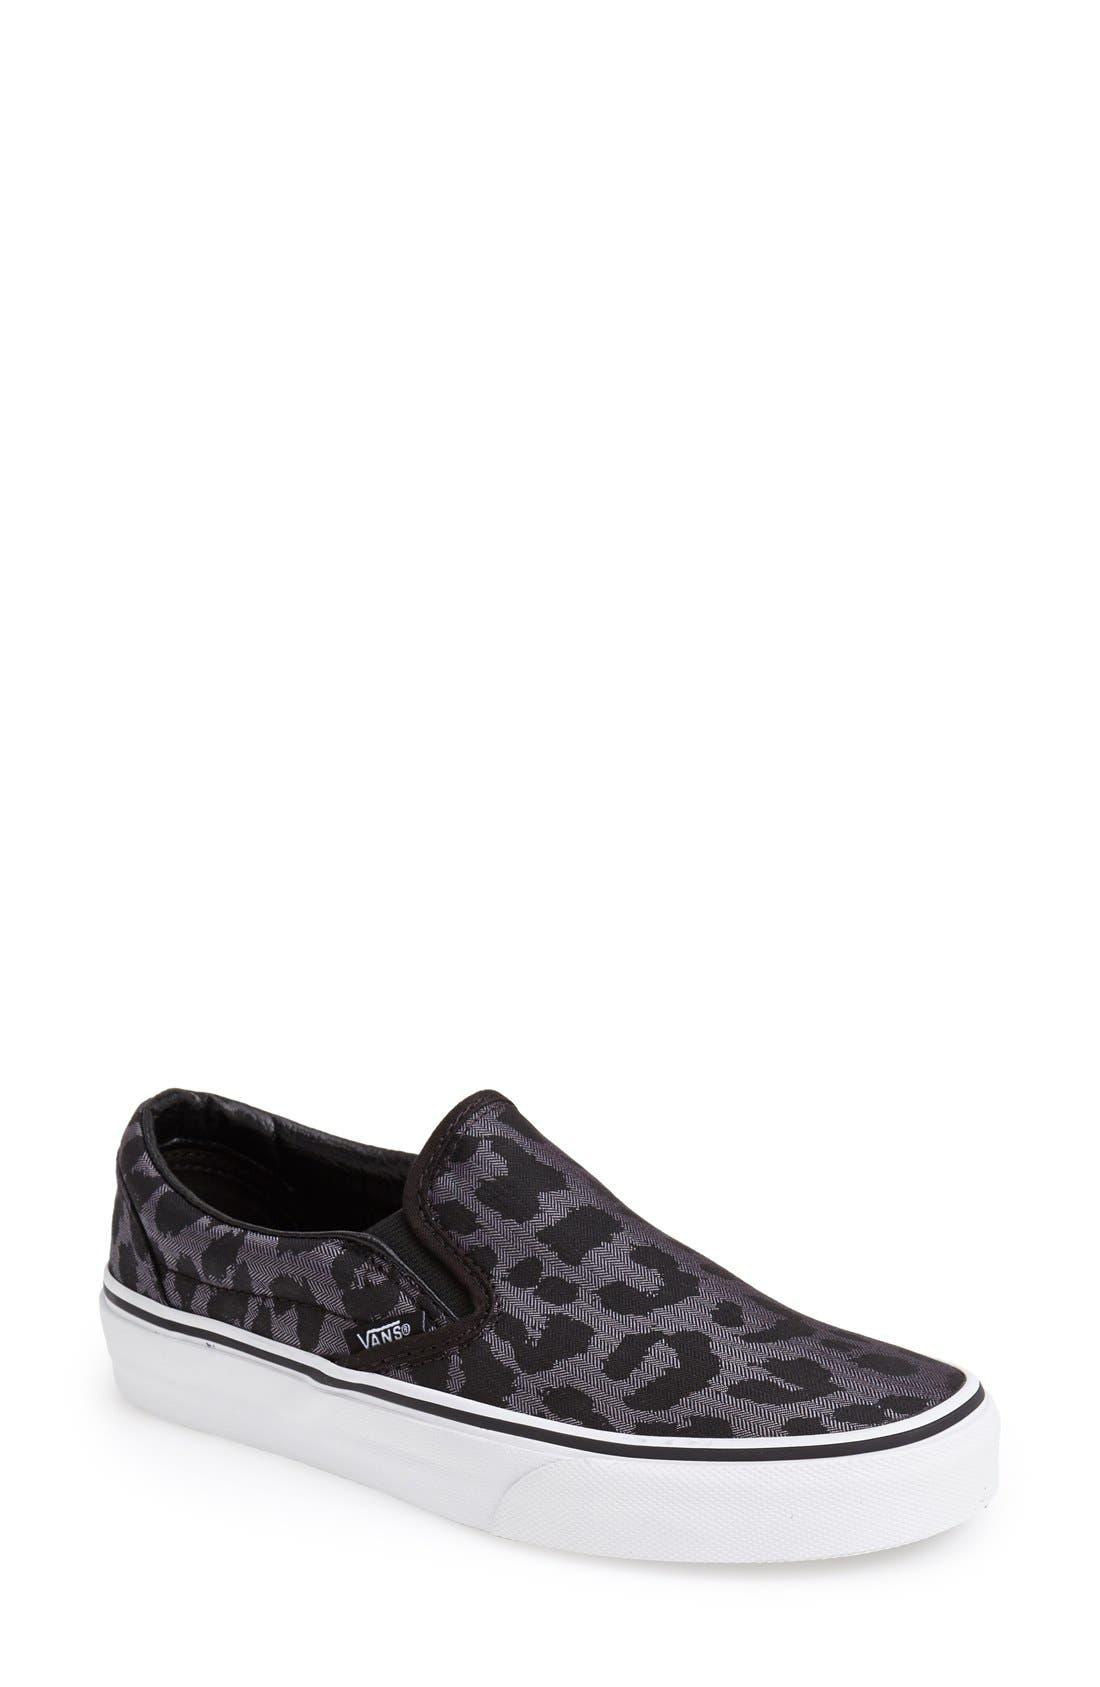 Alternate Image 1 Selected - Vans Leopard Spot Slip-On Sneaker (Women)